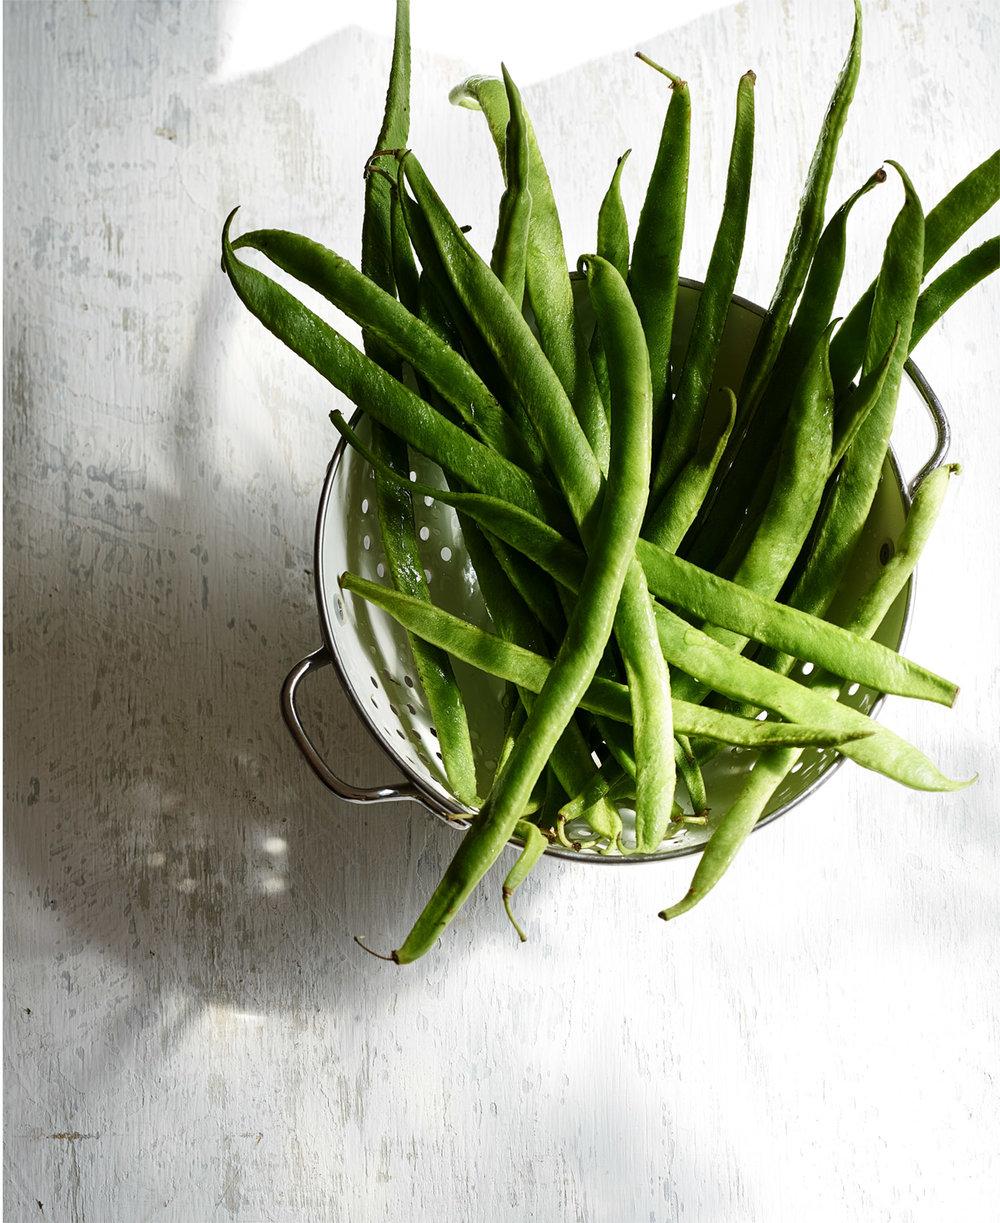 Howtogrow_beans copy.jpg